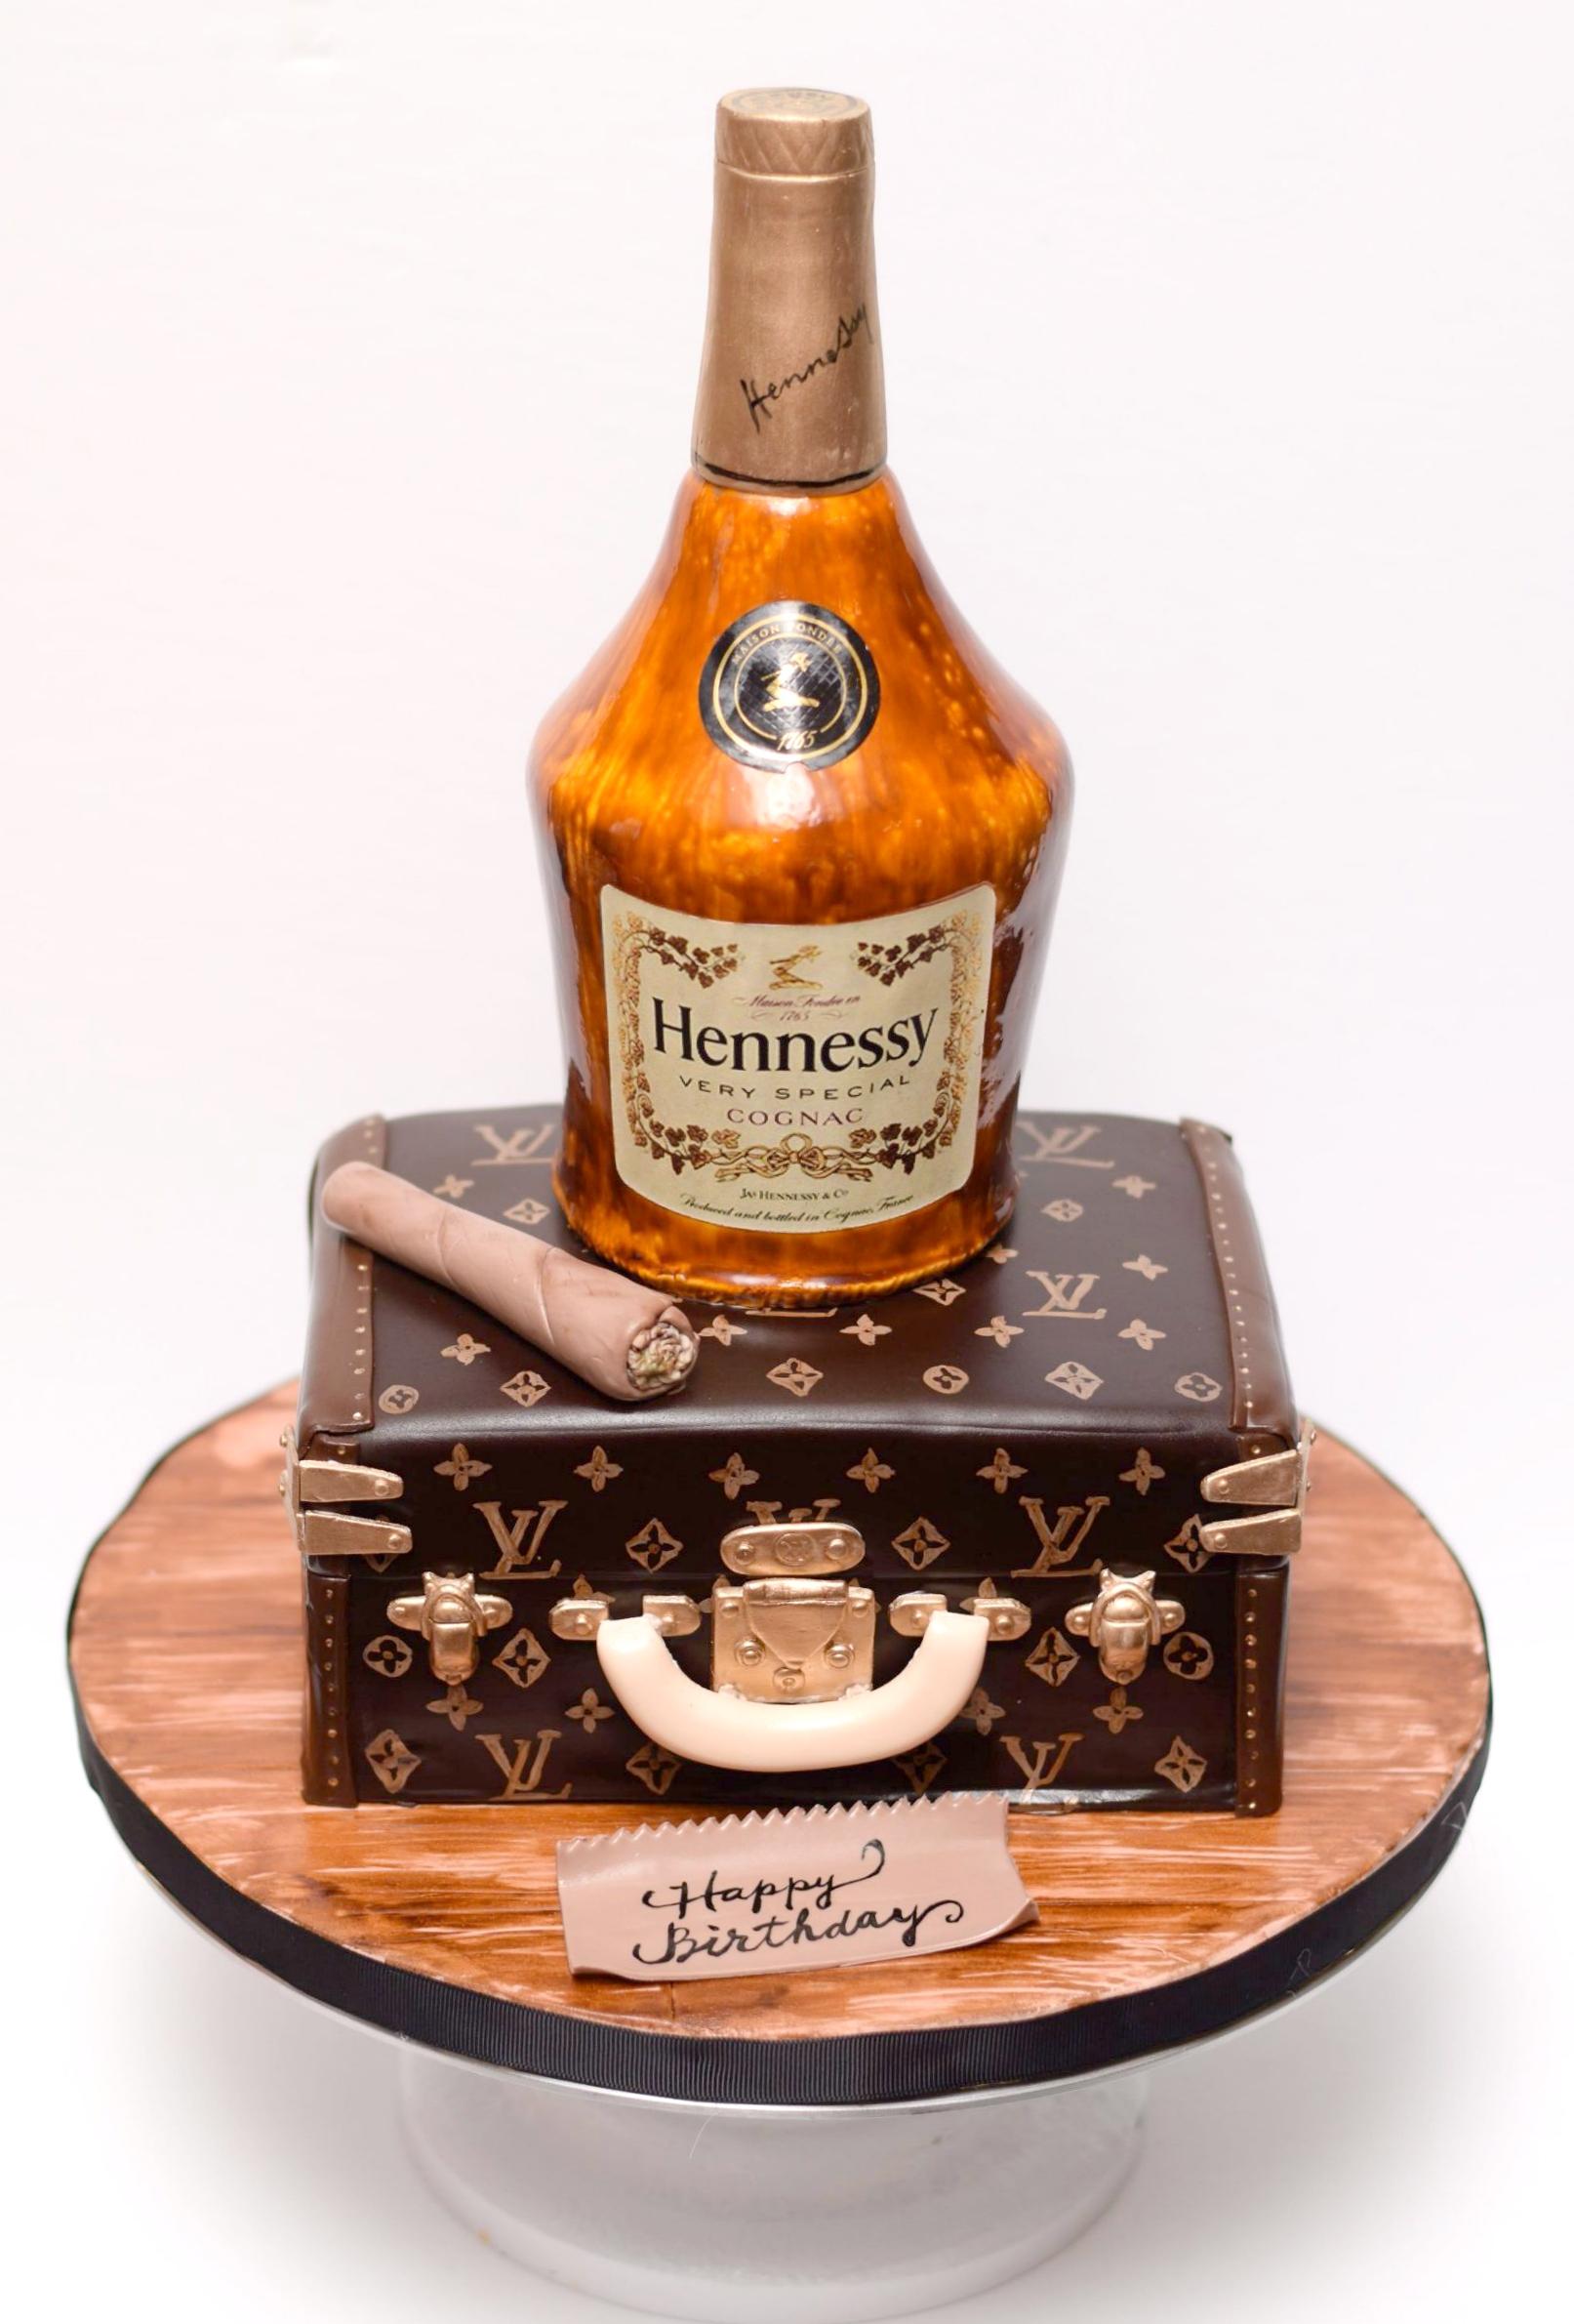 Sculpted Liquor bottle birthday cake